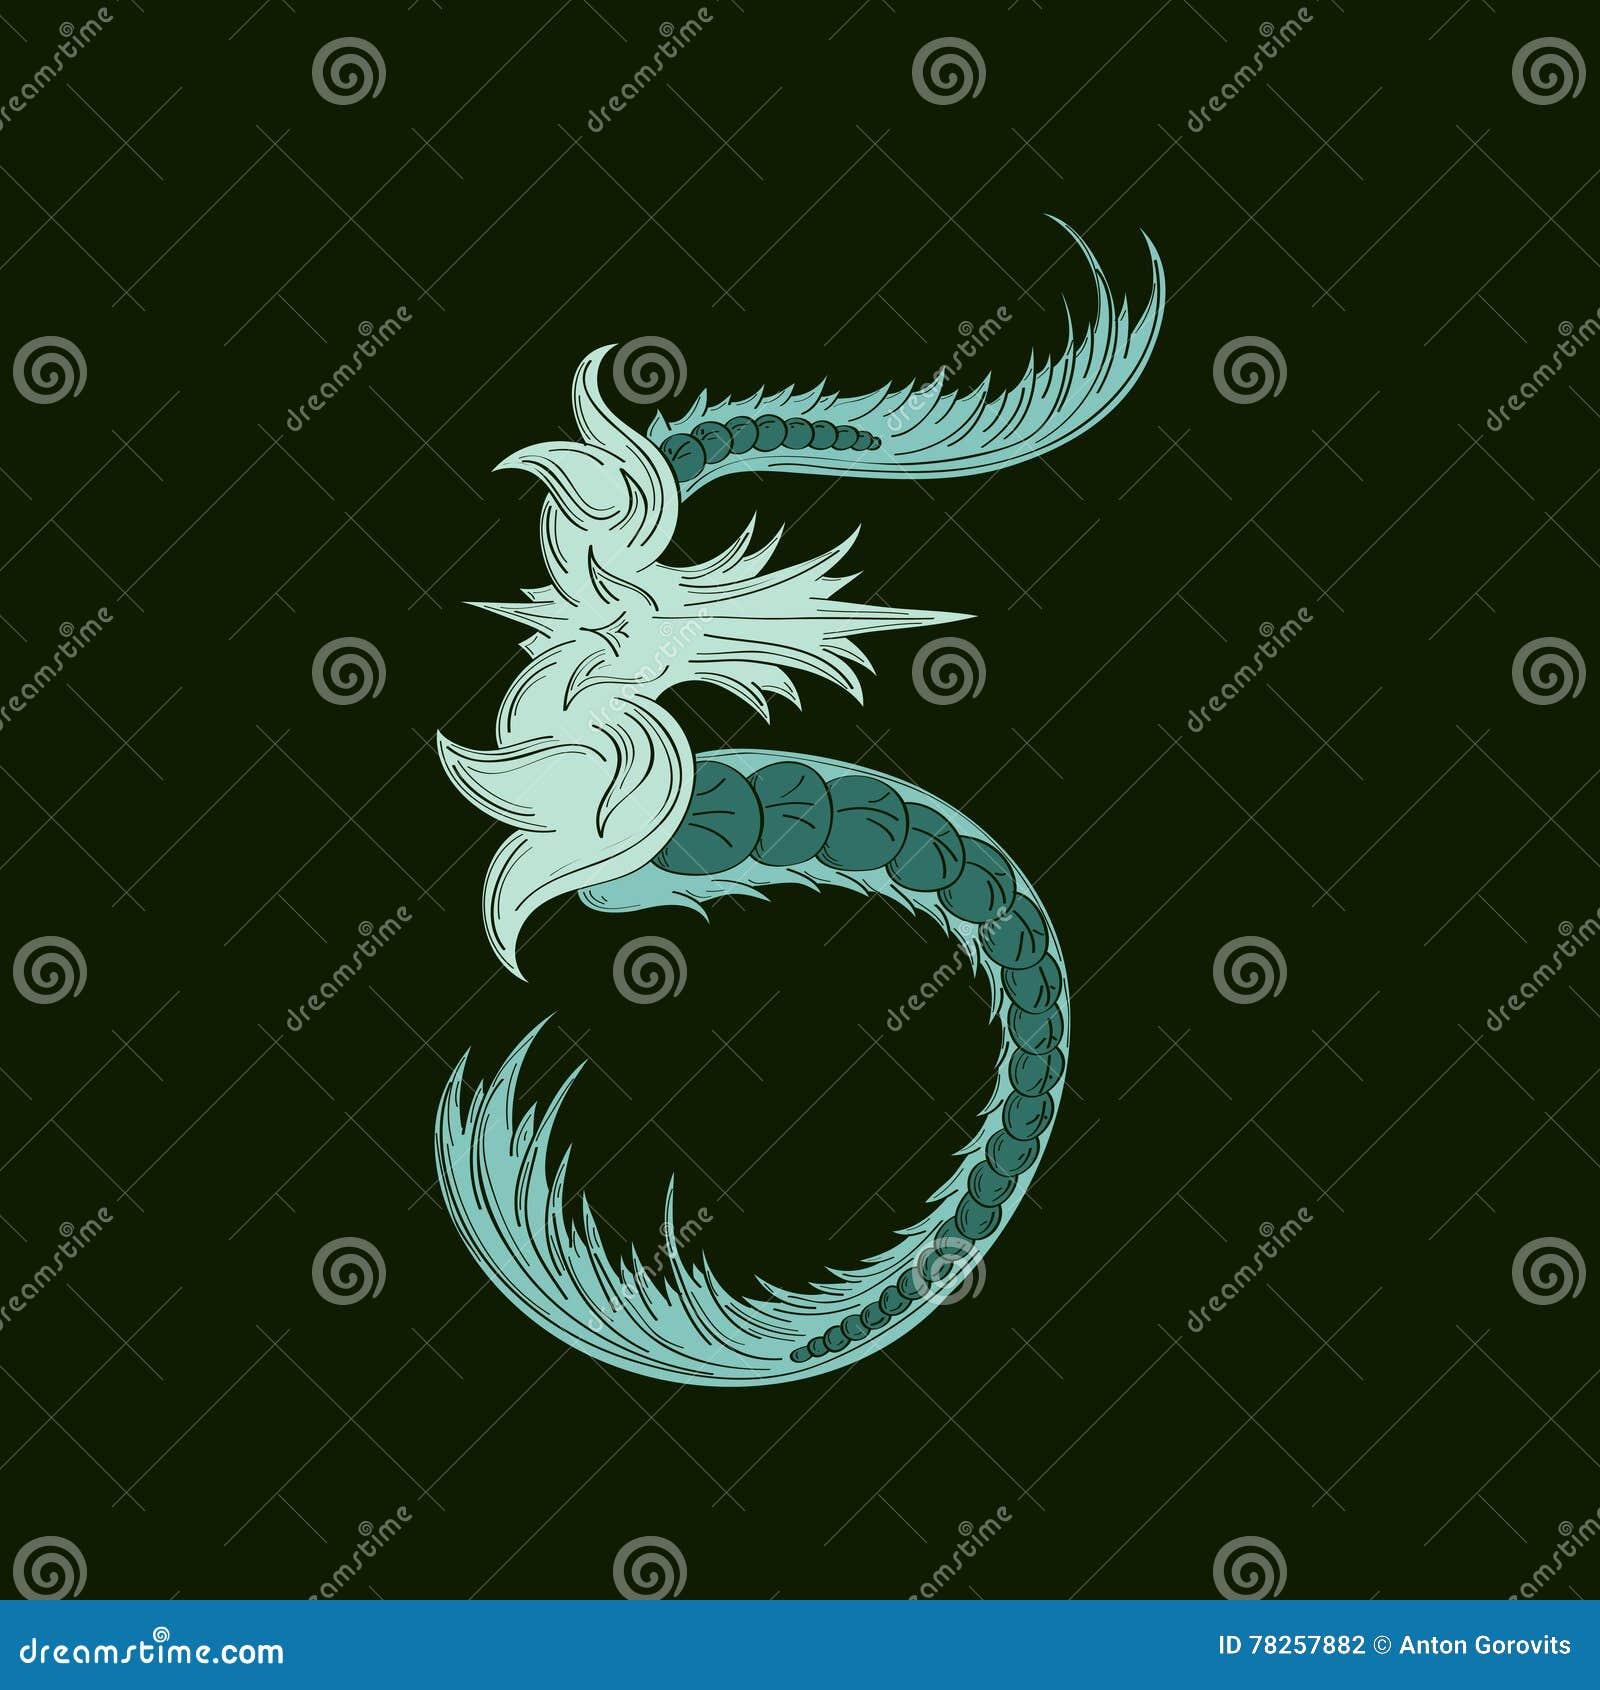 Αφηρημένος αριθμός 5 εικονίδιο λογότυπων στο μπλε τροπικό ύφος